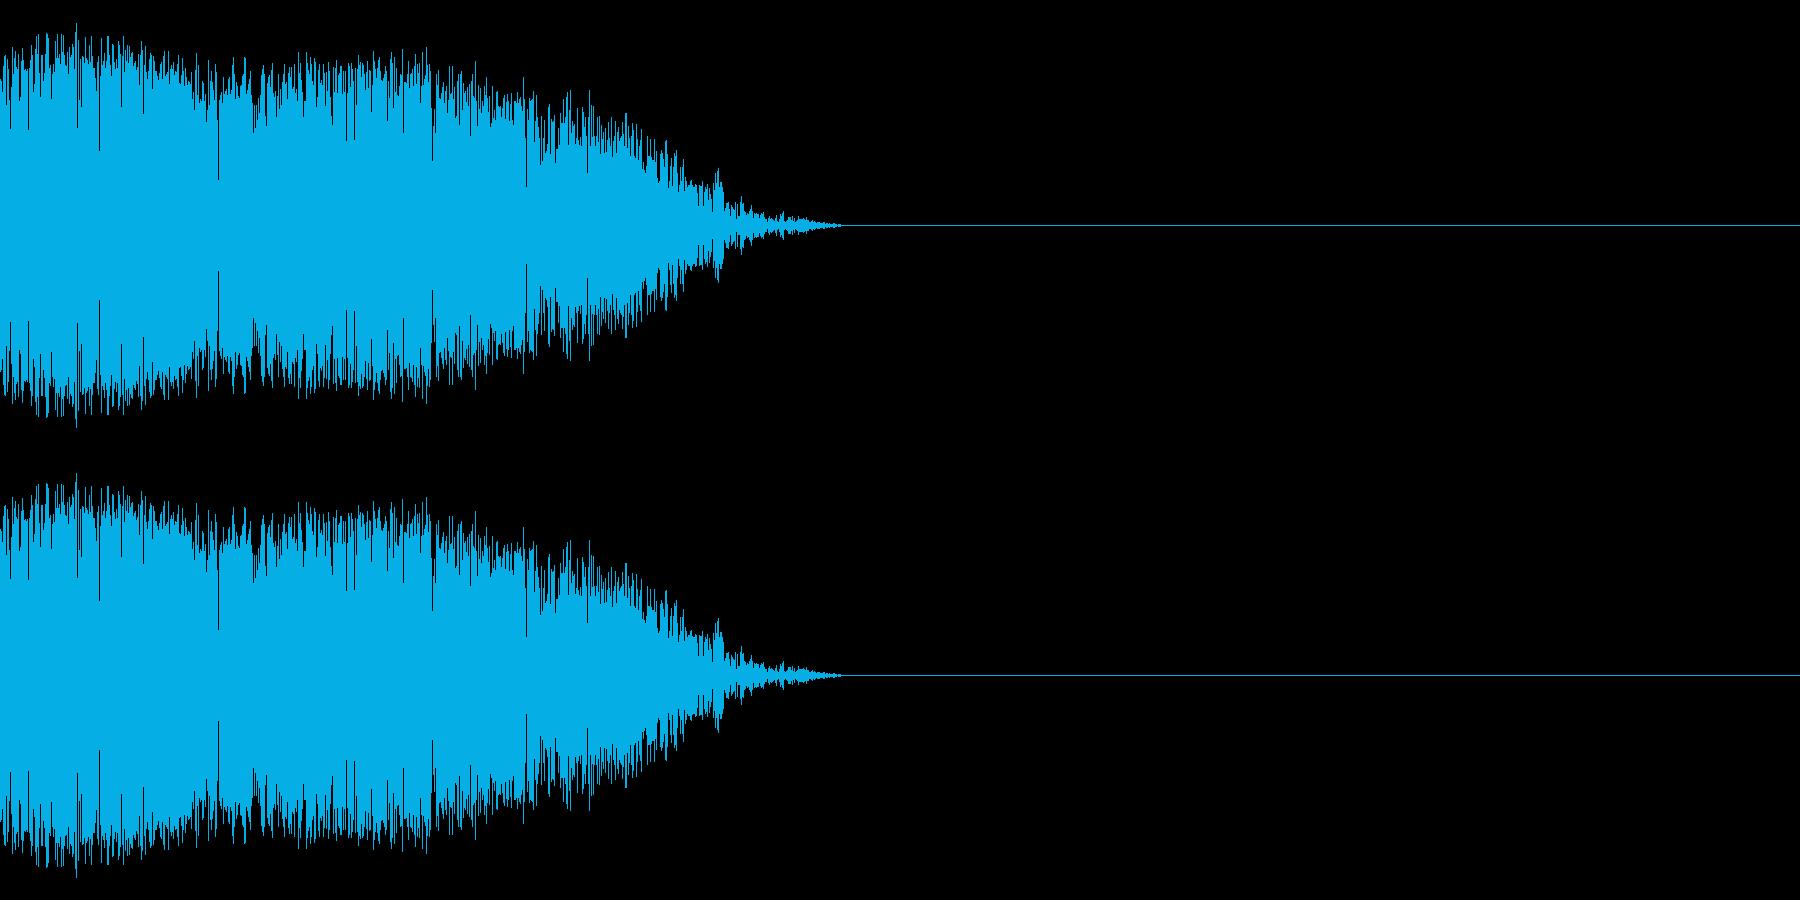 シュバッ(瞬間移動/飛び跳ねる/手裏剣)の再生済みの波形